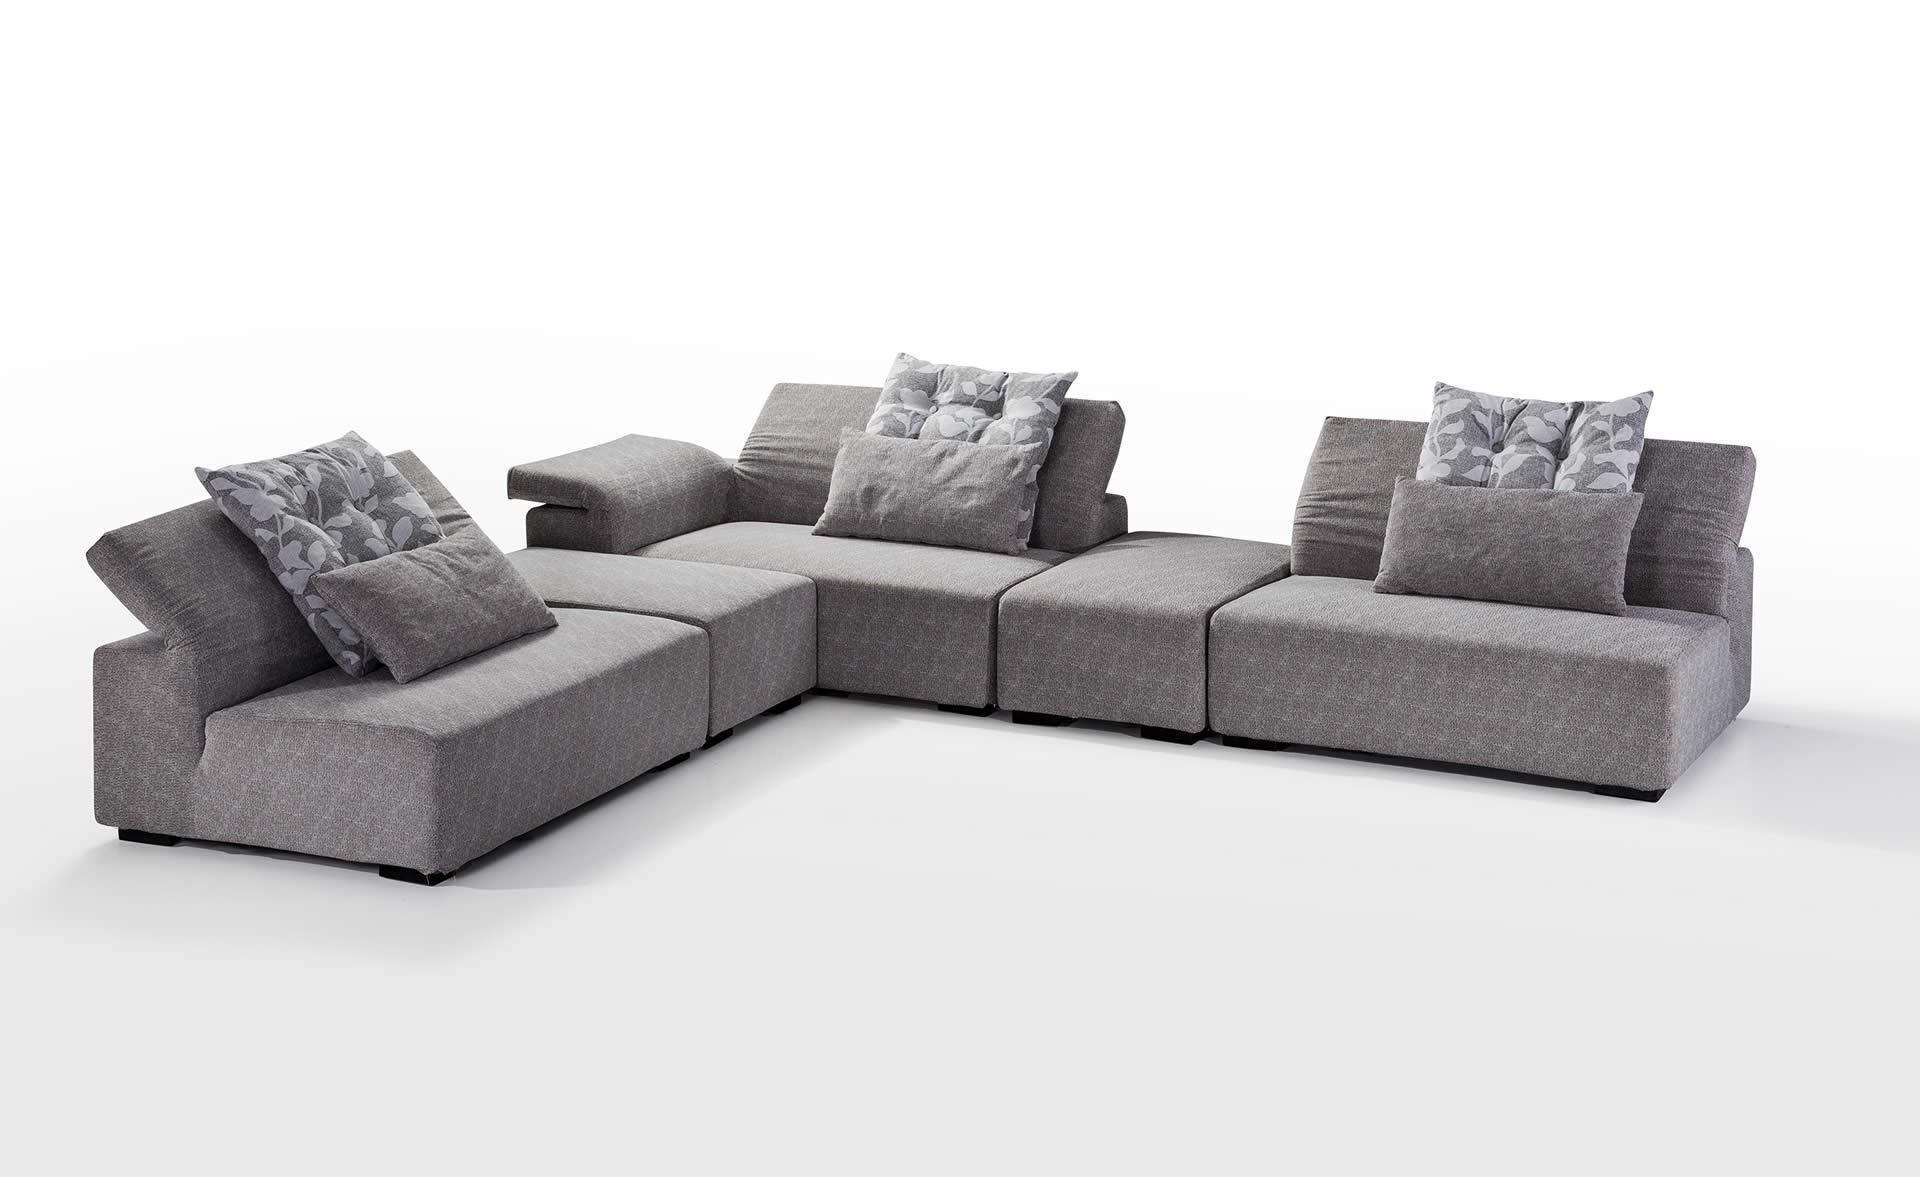 Wohnlandschaft jana designer sofa couch couchgarnitur for Polster ecksofa